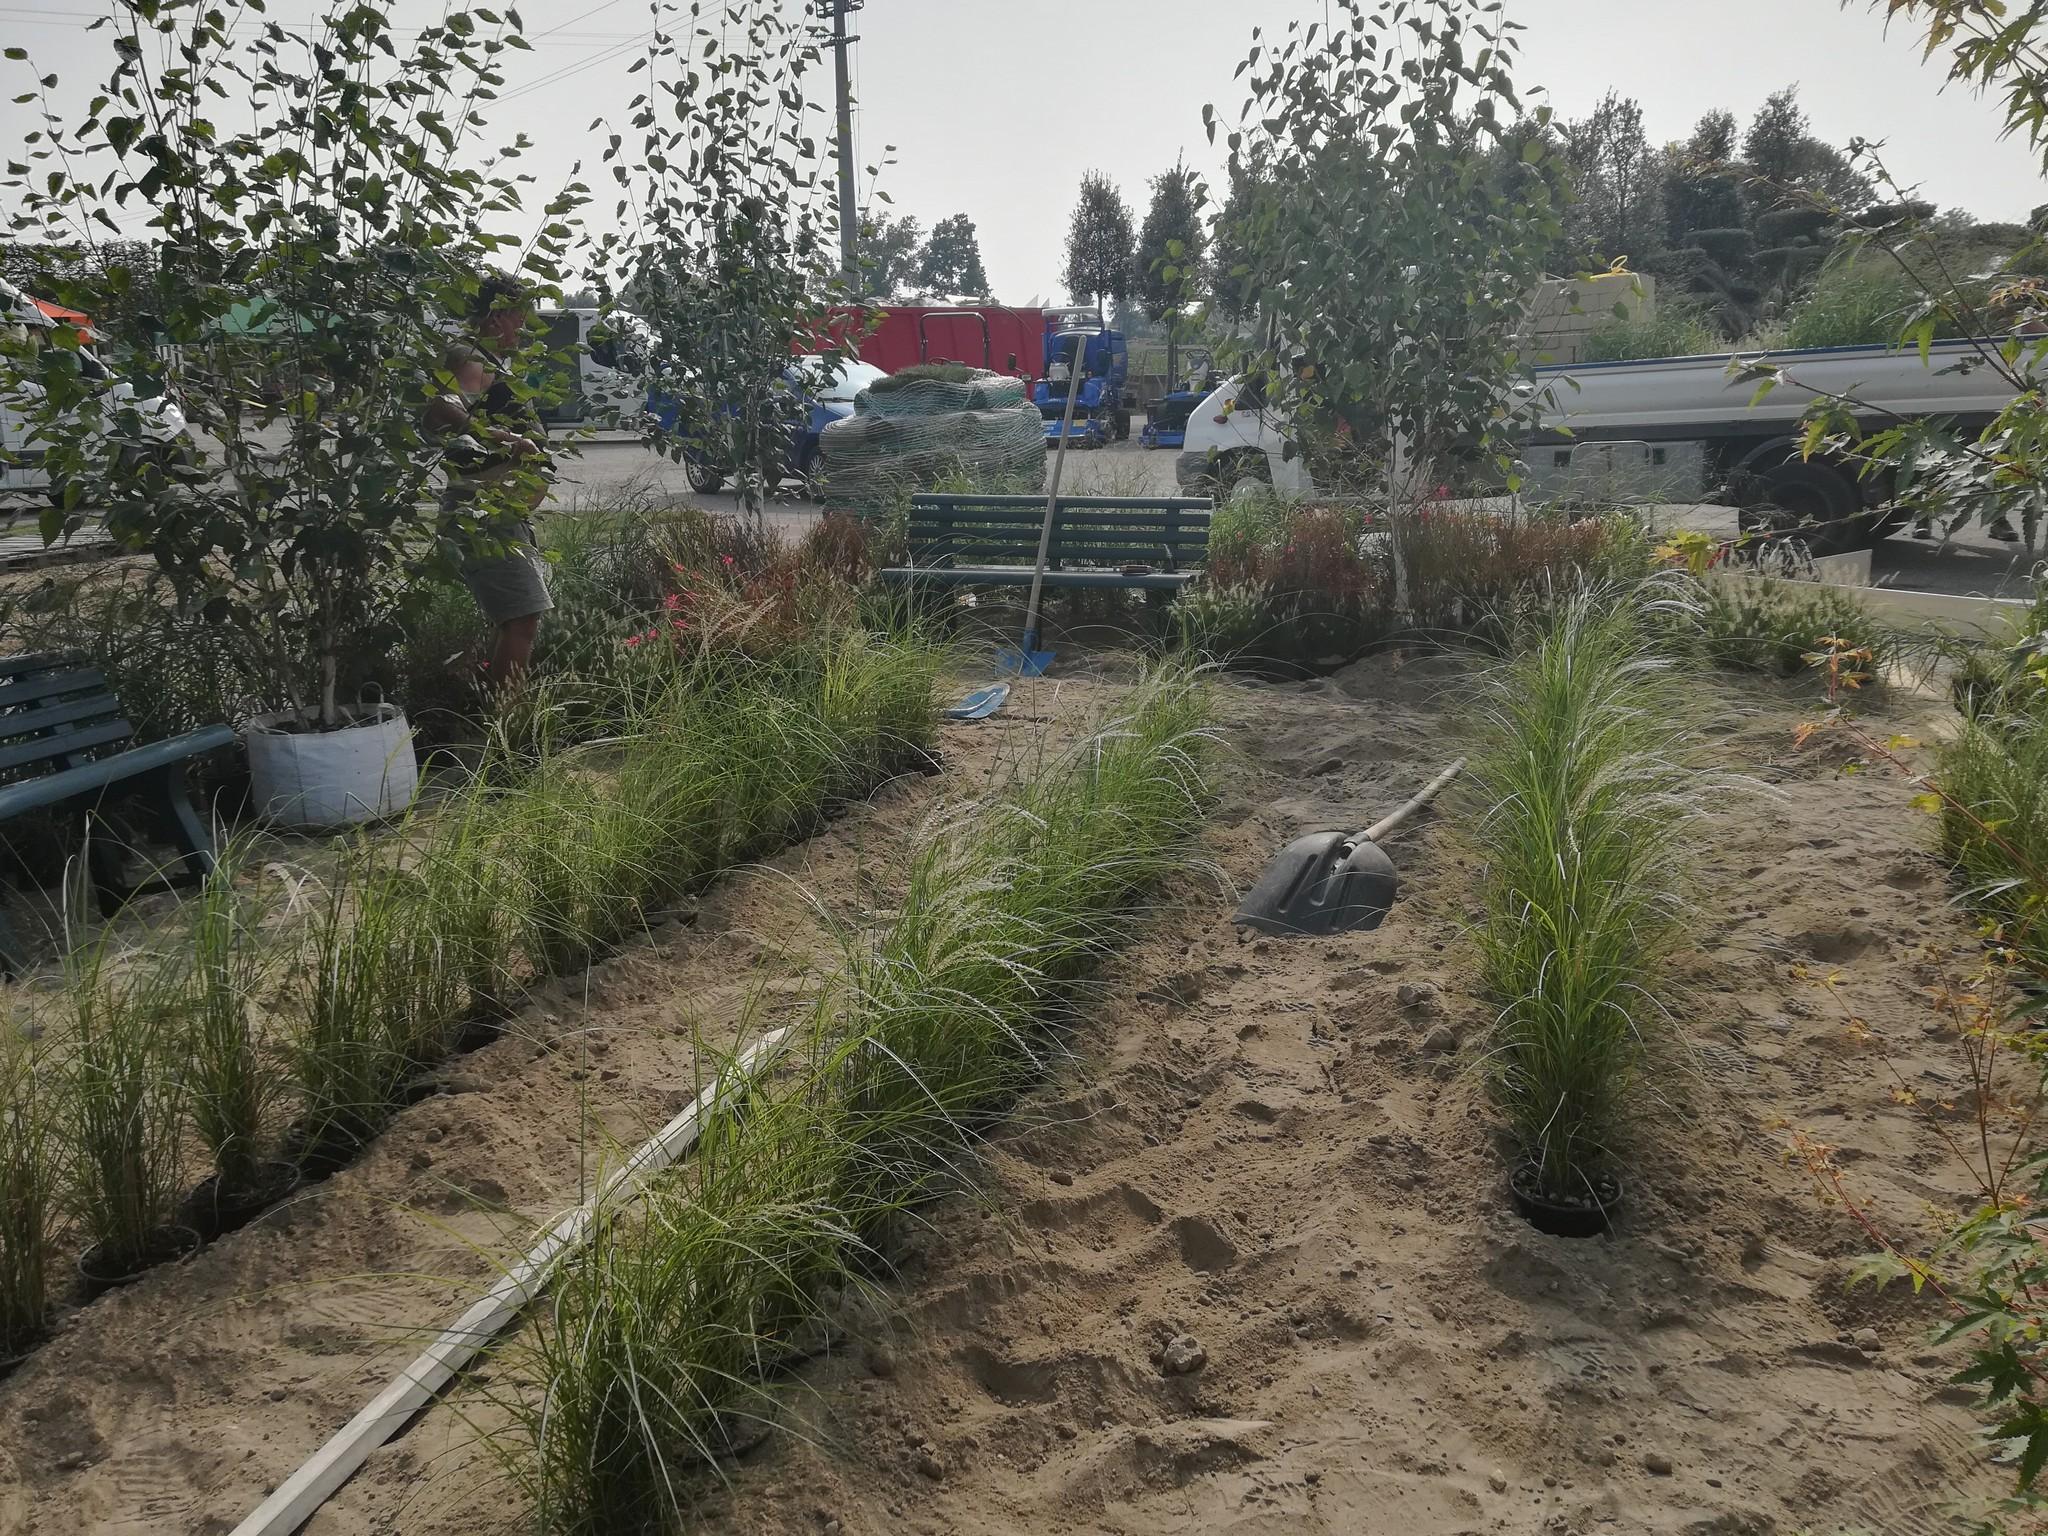 Concorso-giardini-Verdeggiando_29-Con-il-vento-tra-i-capelli-SNFT9-Stefano-Notari